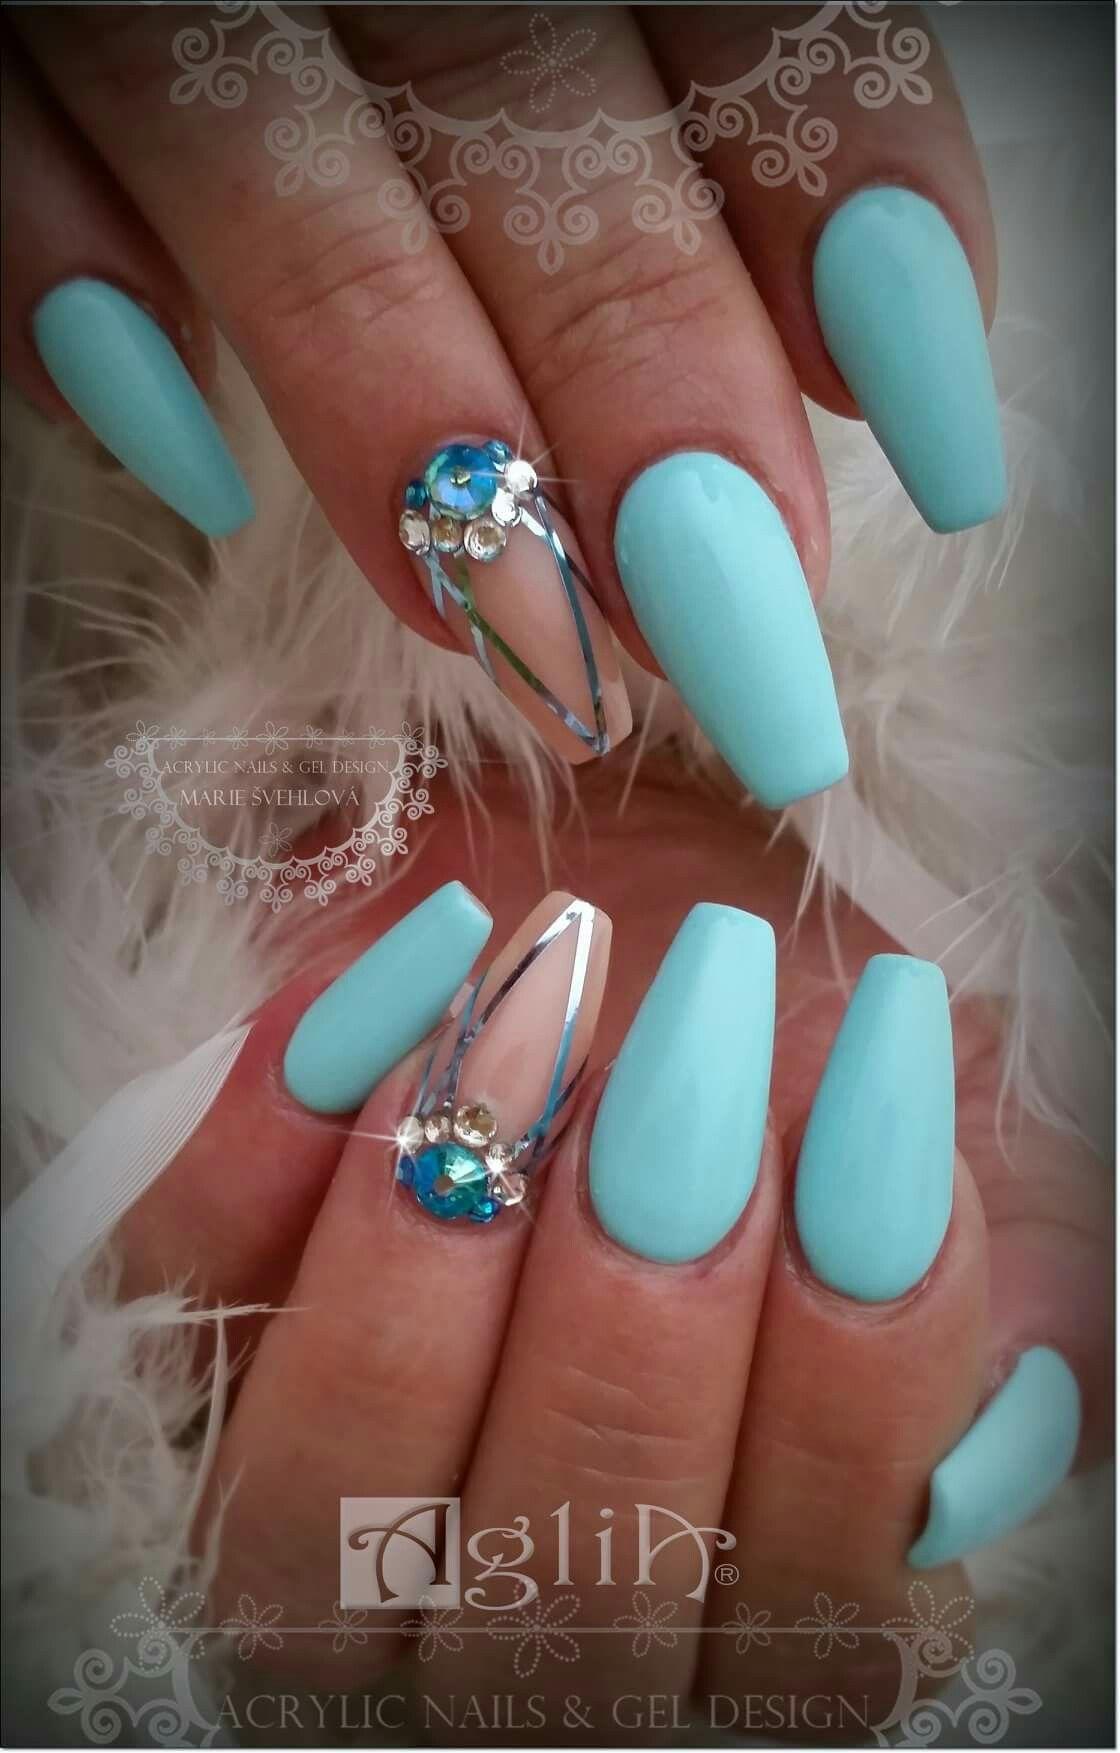 Acrylic Nails Gel Design Summer Nails Modre Nehty Nehet Gelove Nehty